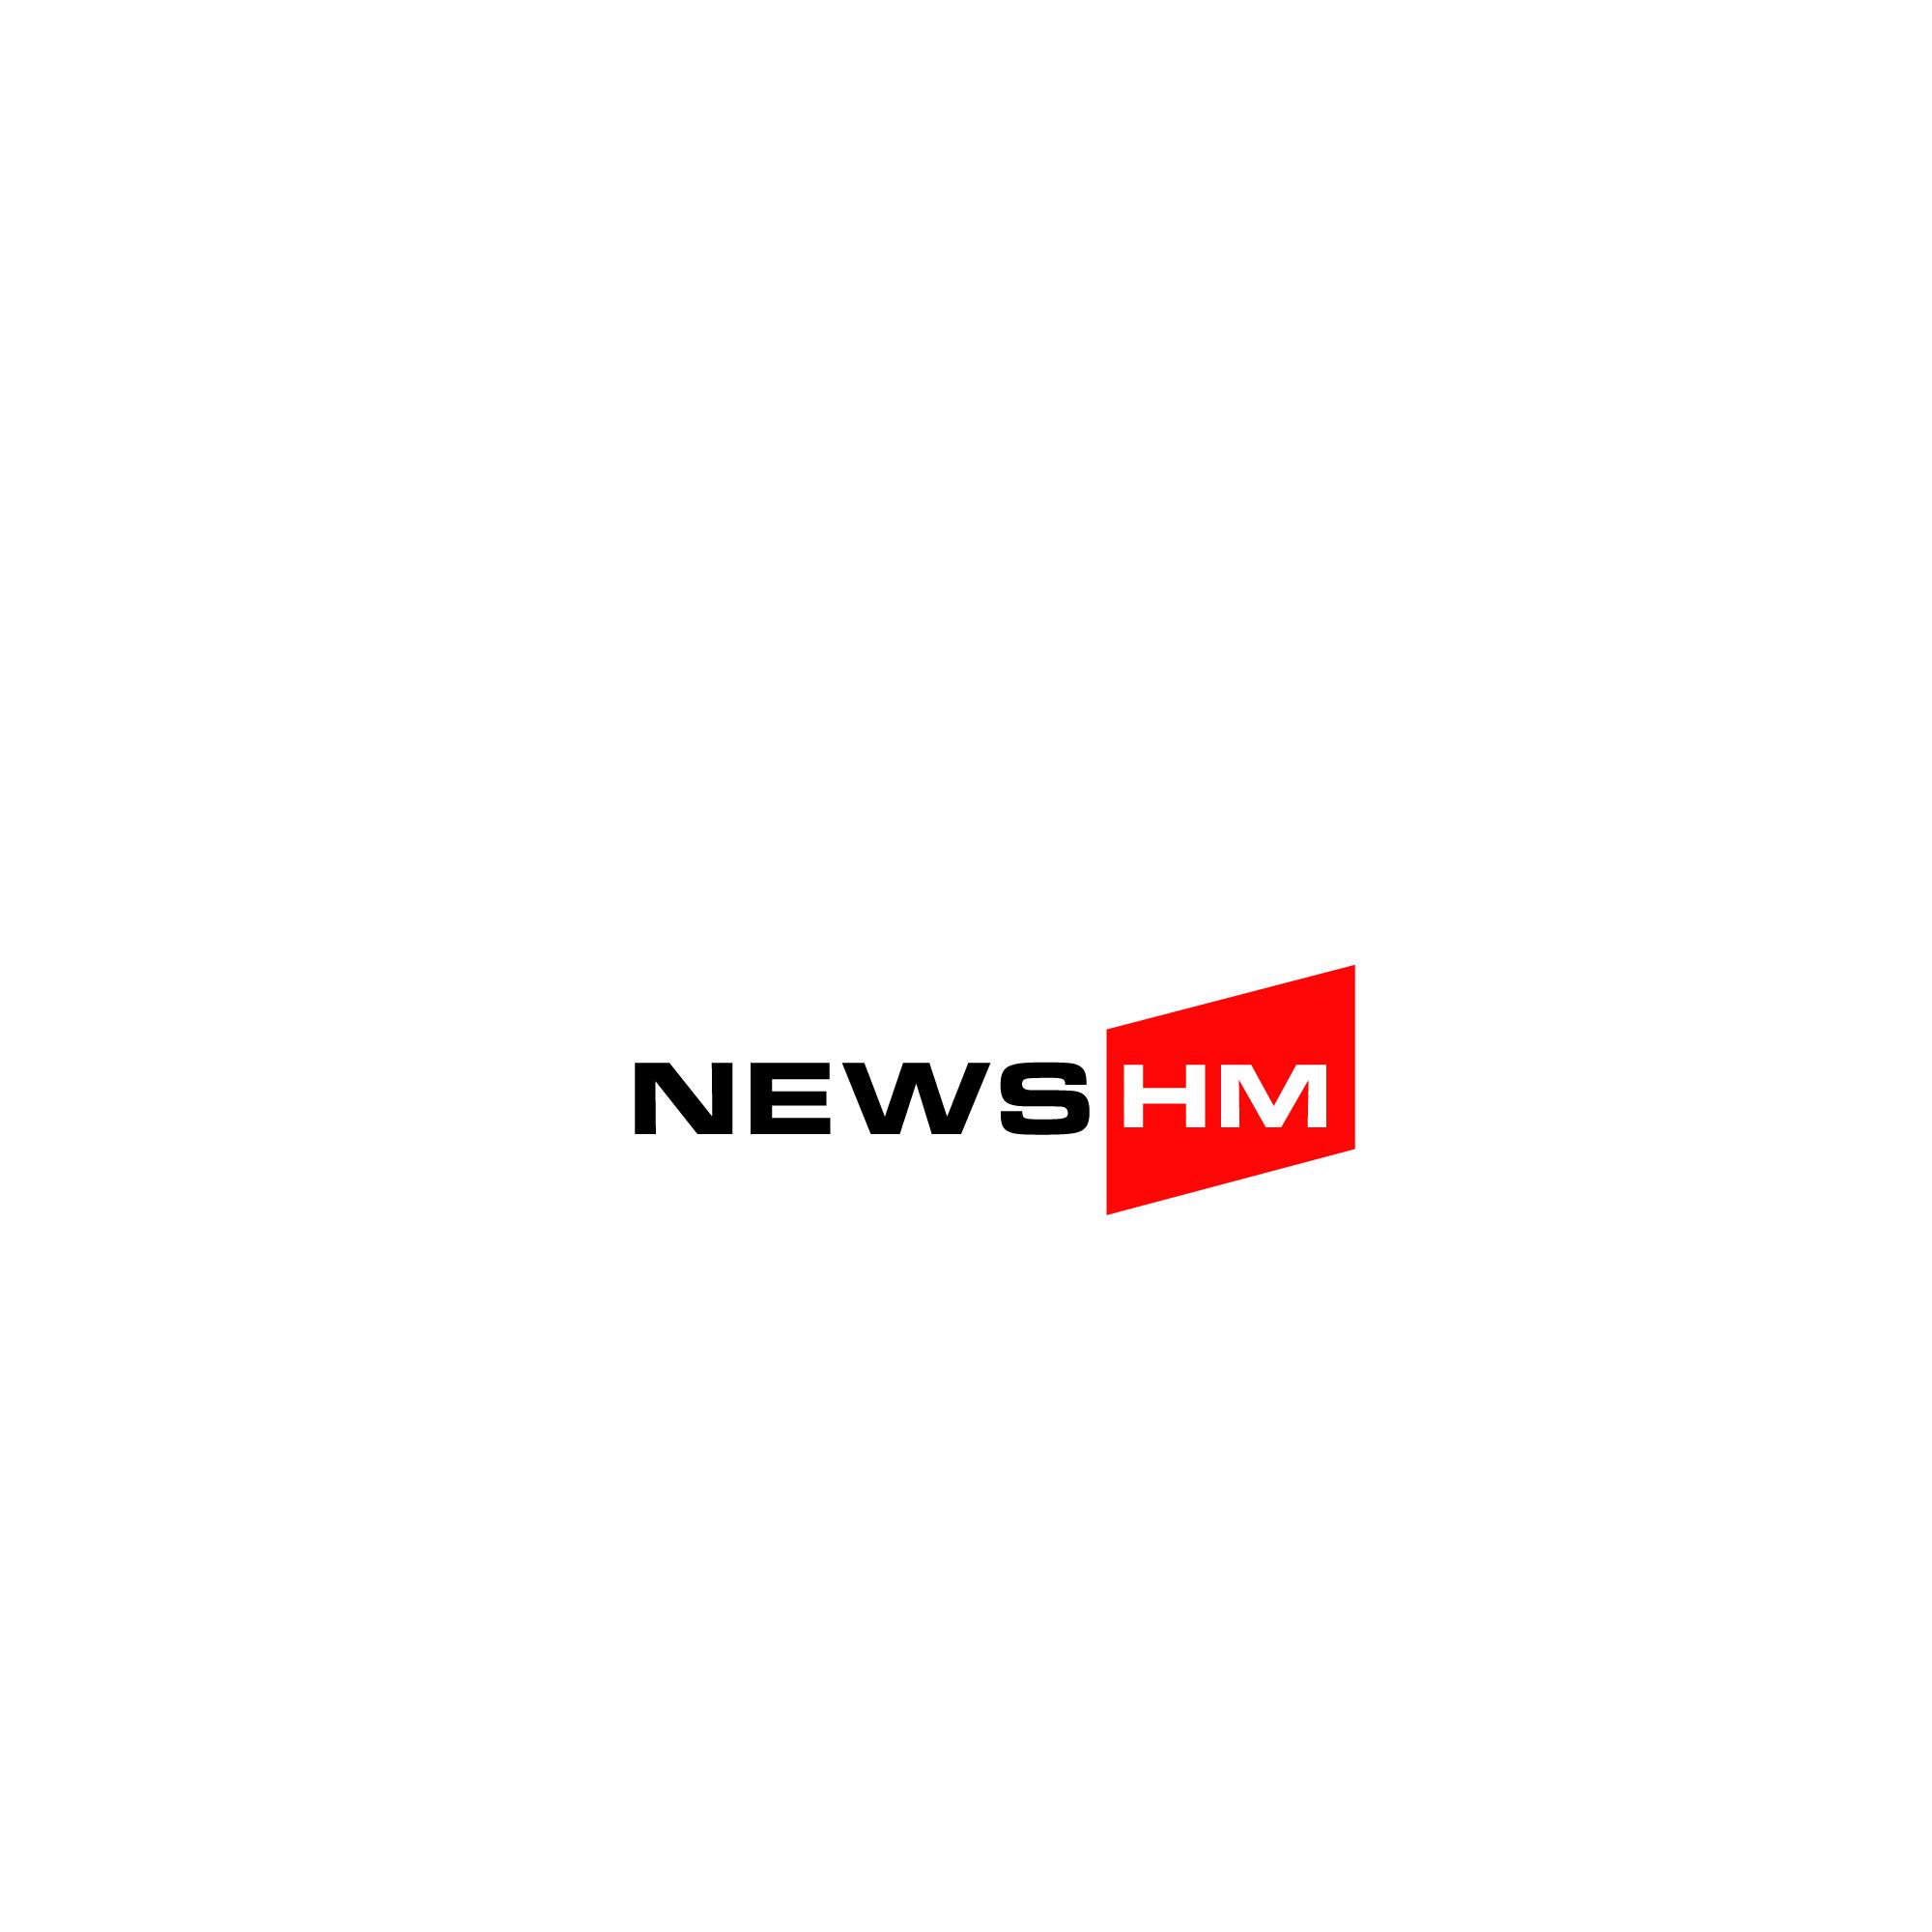 Логотип для информационного агентства фото f_1535aa2aea994e57.jpg